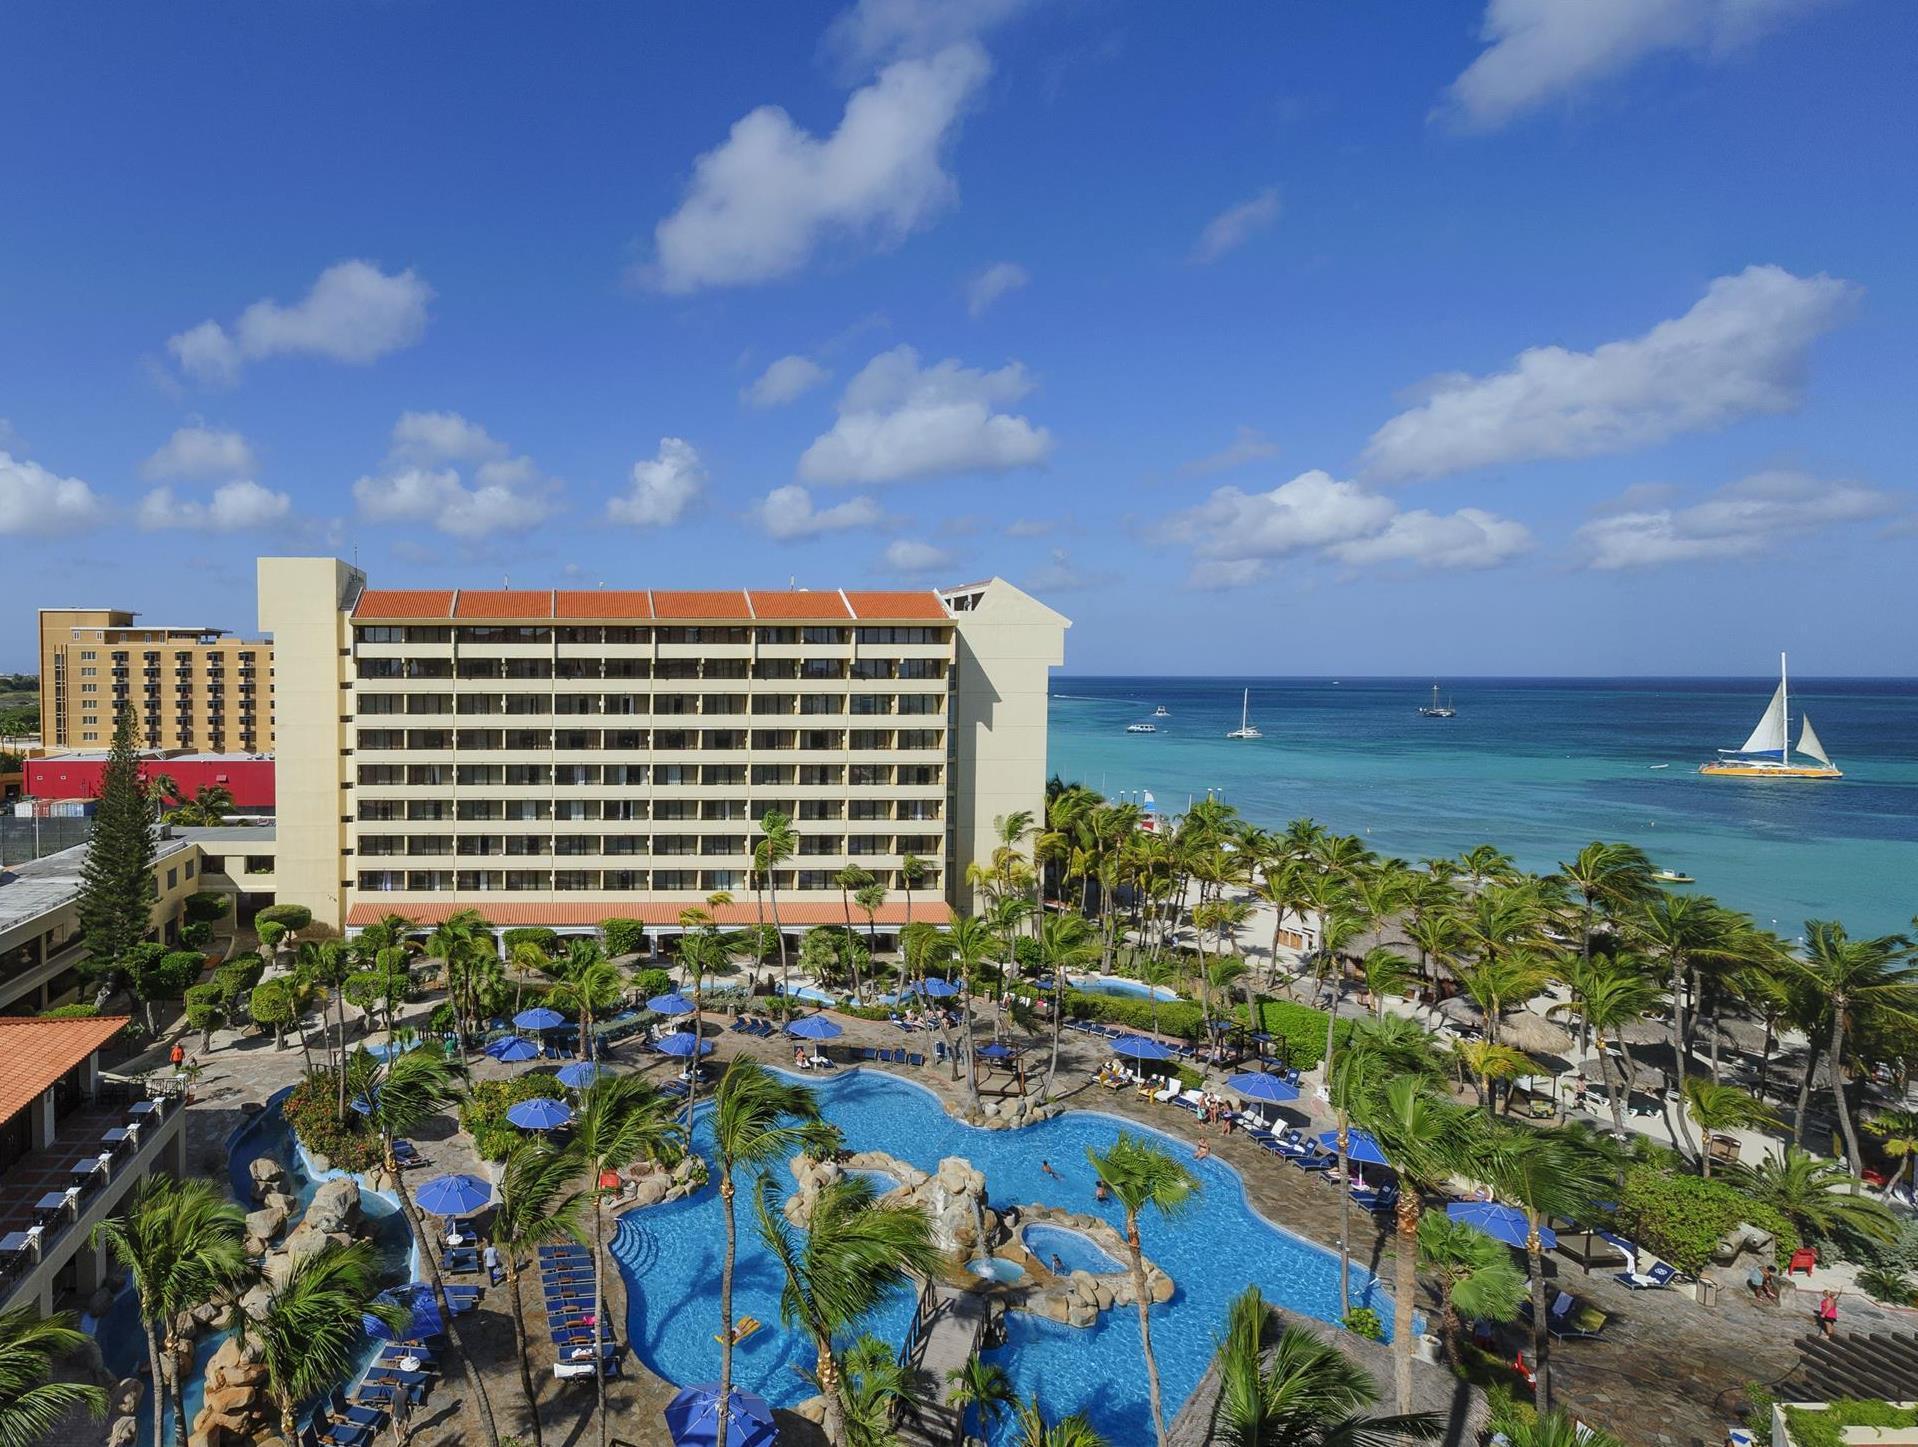 Hotel Occidental Grand Aruba All Inclusive Deals